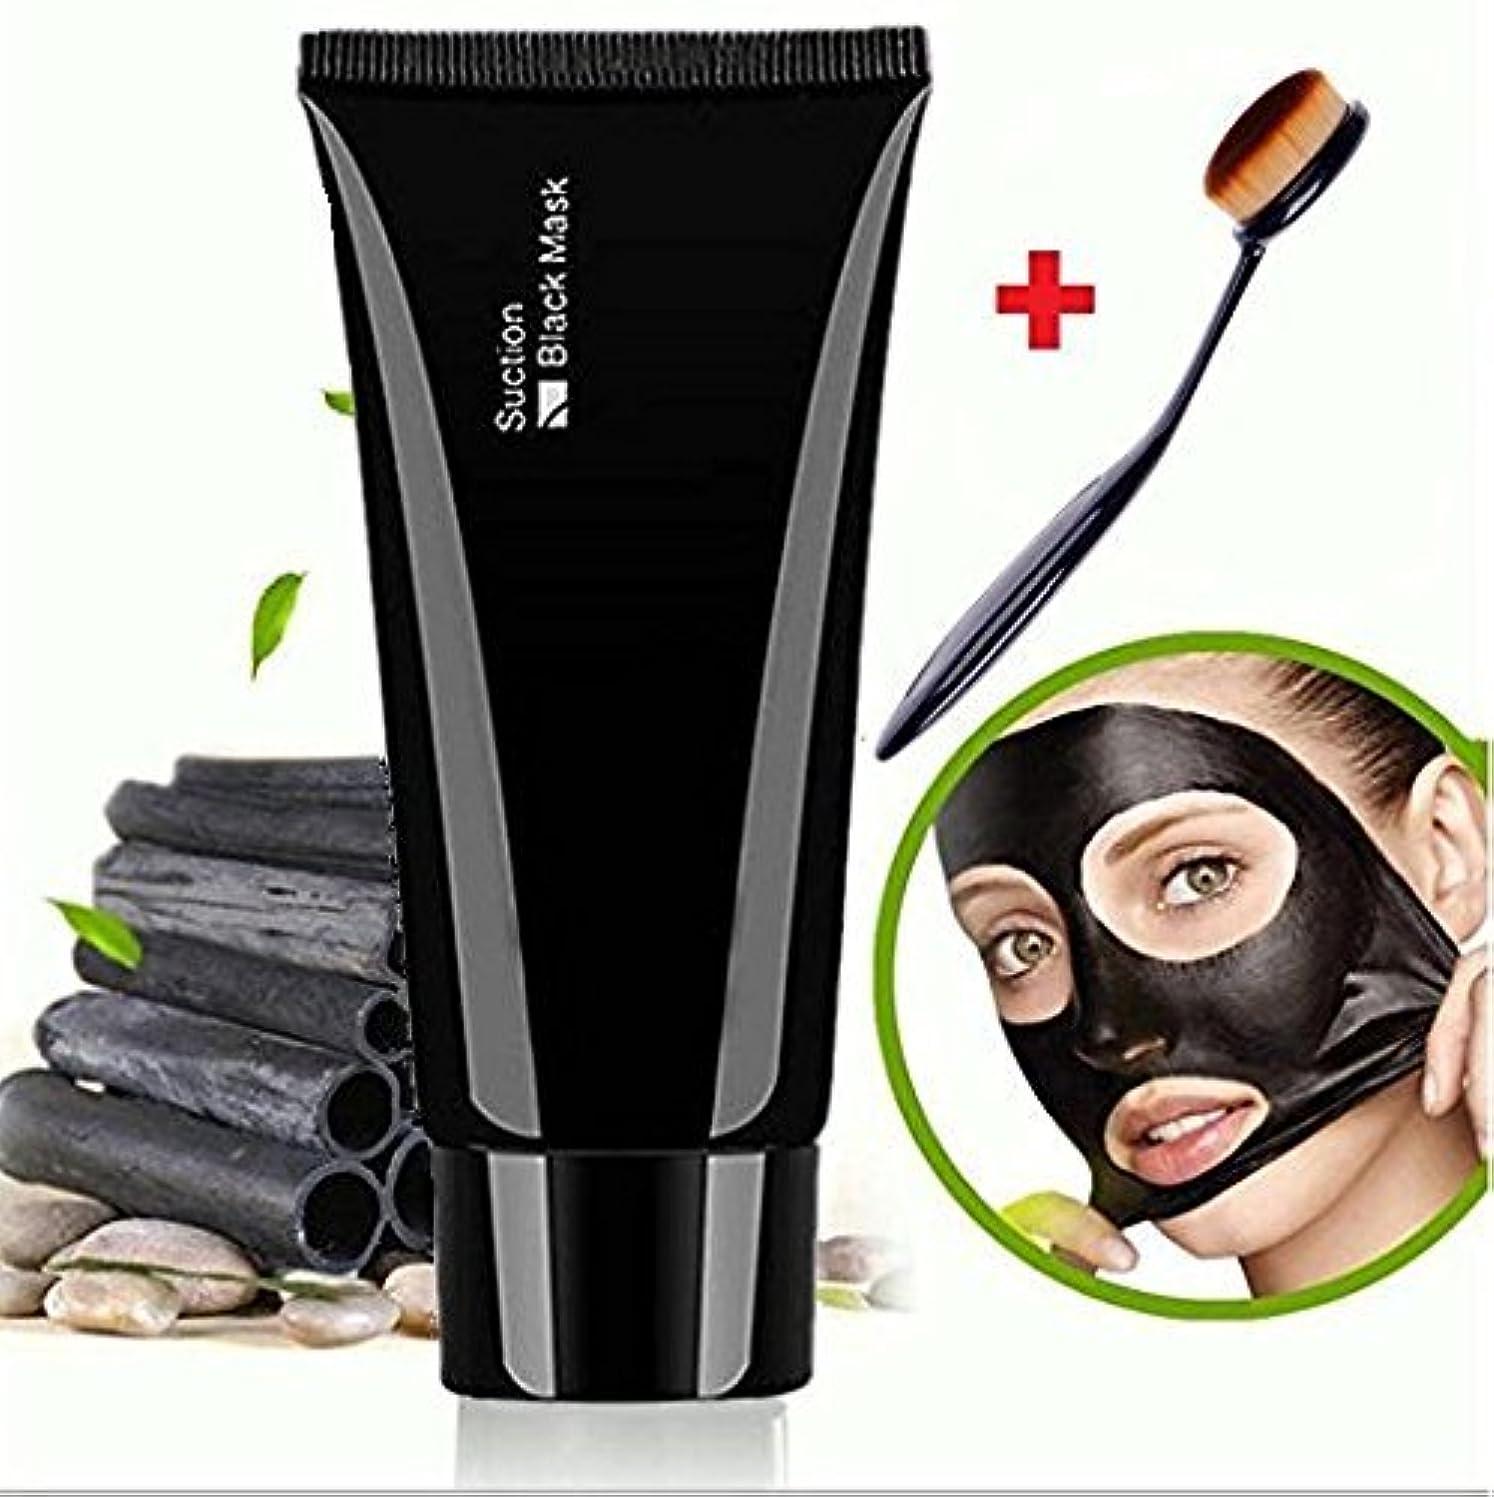 対応元に戻す洗剤Facial Mask Black, Face Apeel Cleansing Mask Deep Cleanser Blackhead Acne Remover Peel off Mask + Oval Brush